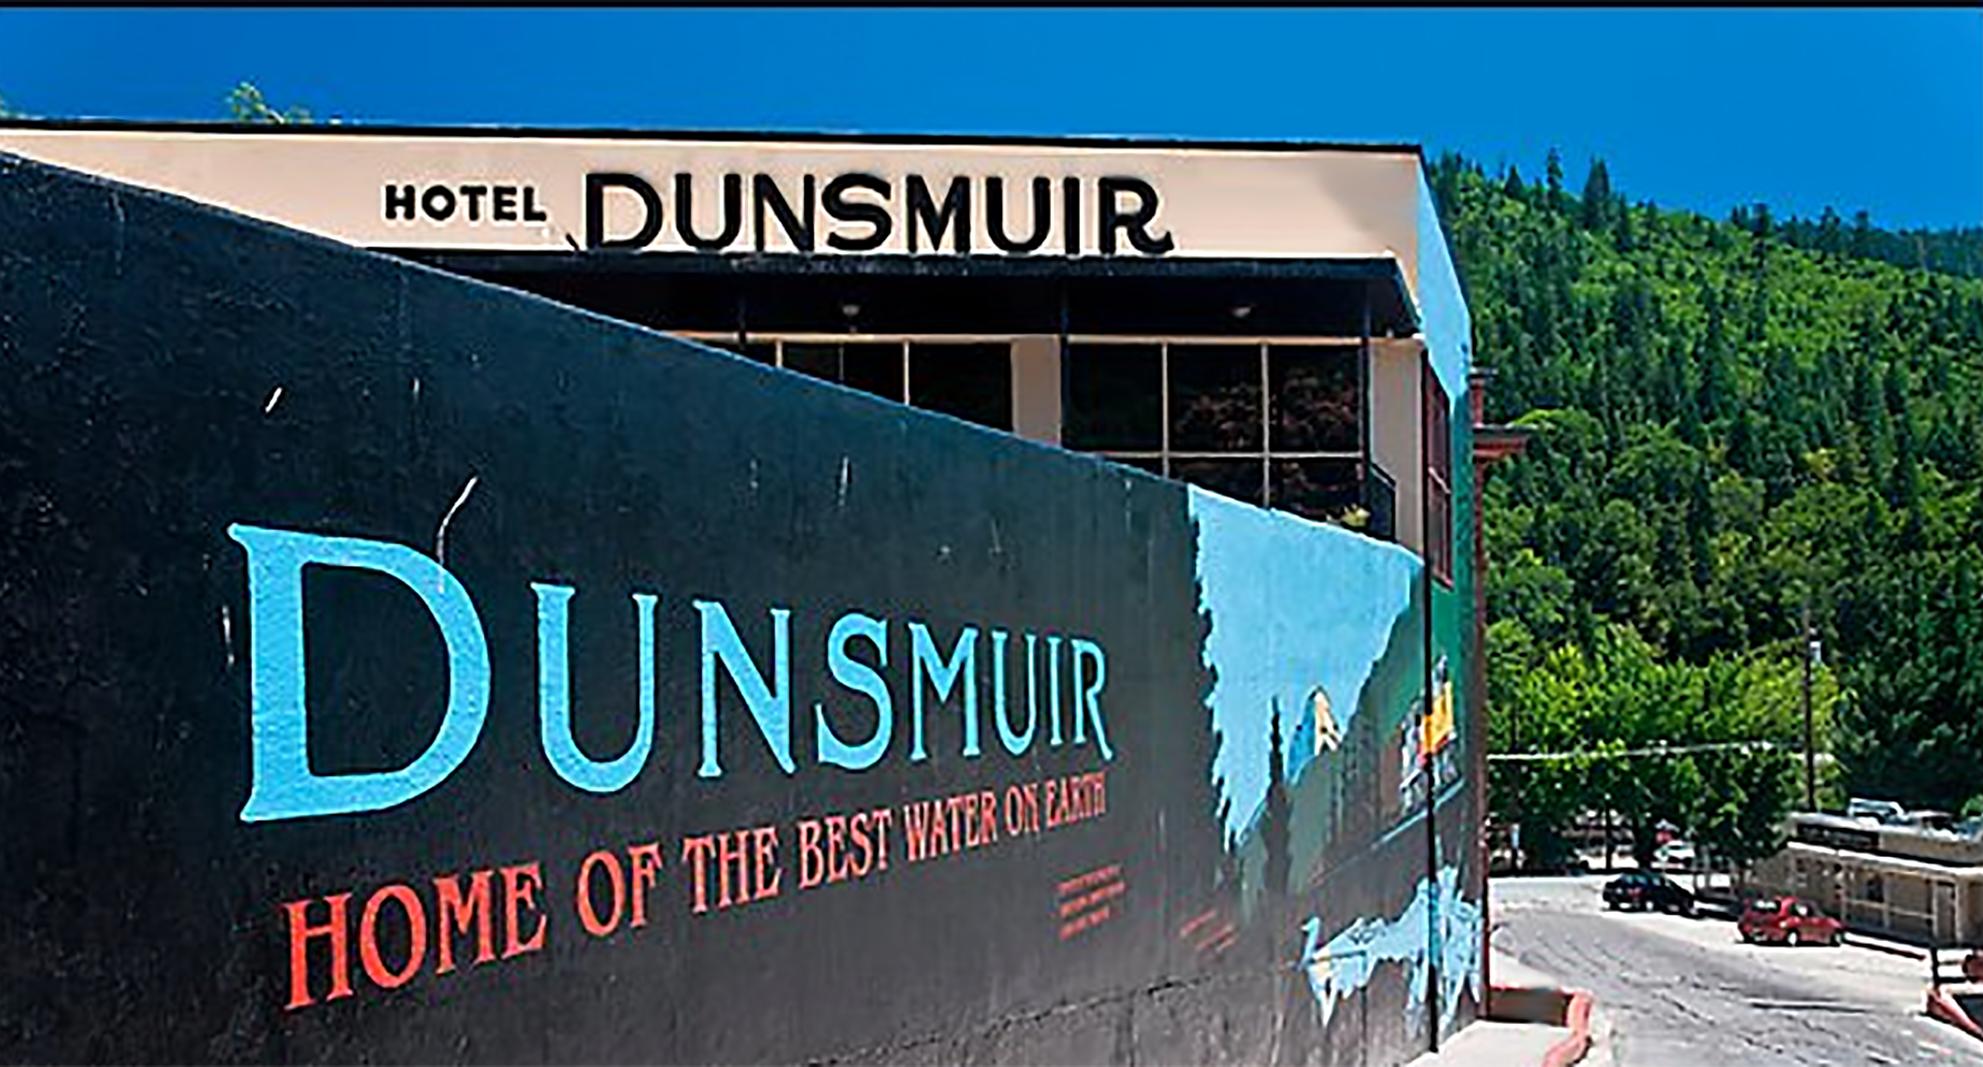 Music & Memories at Hotel Dunsmuir